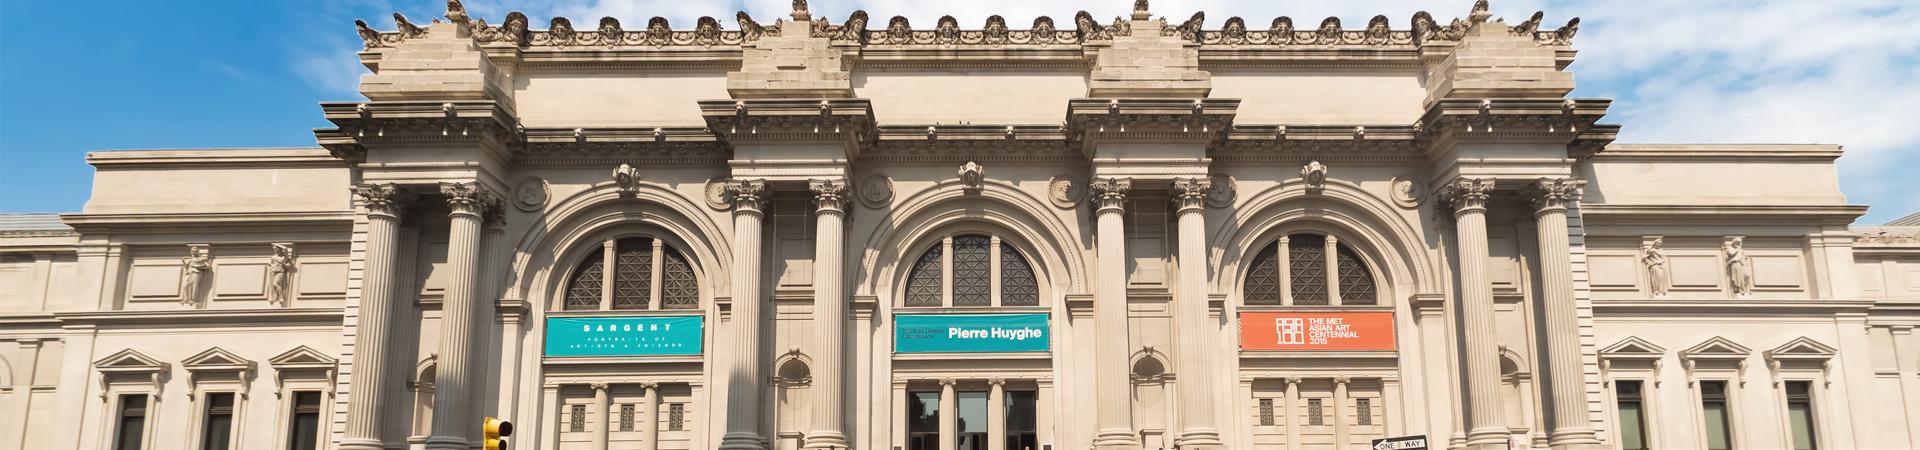 Metropolitan Museum of Art 5th avenue